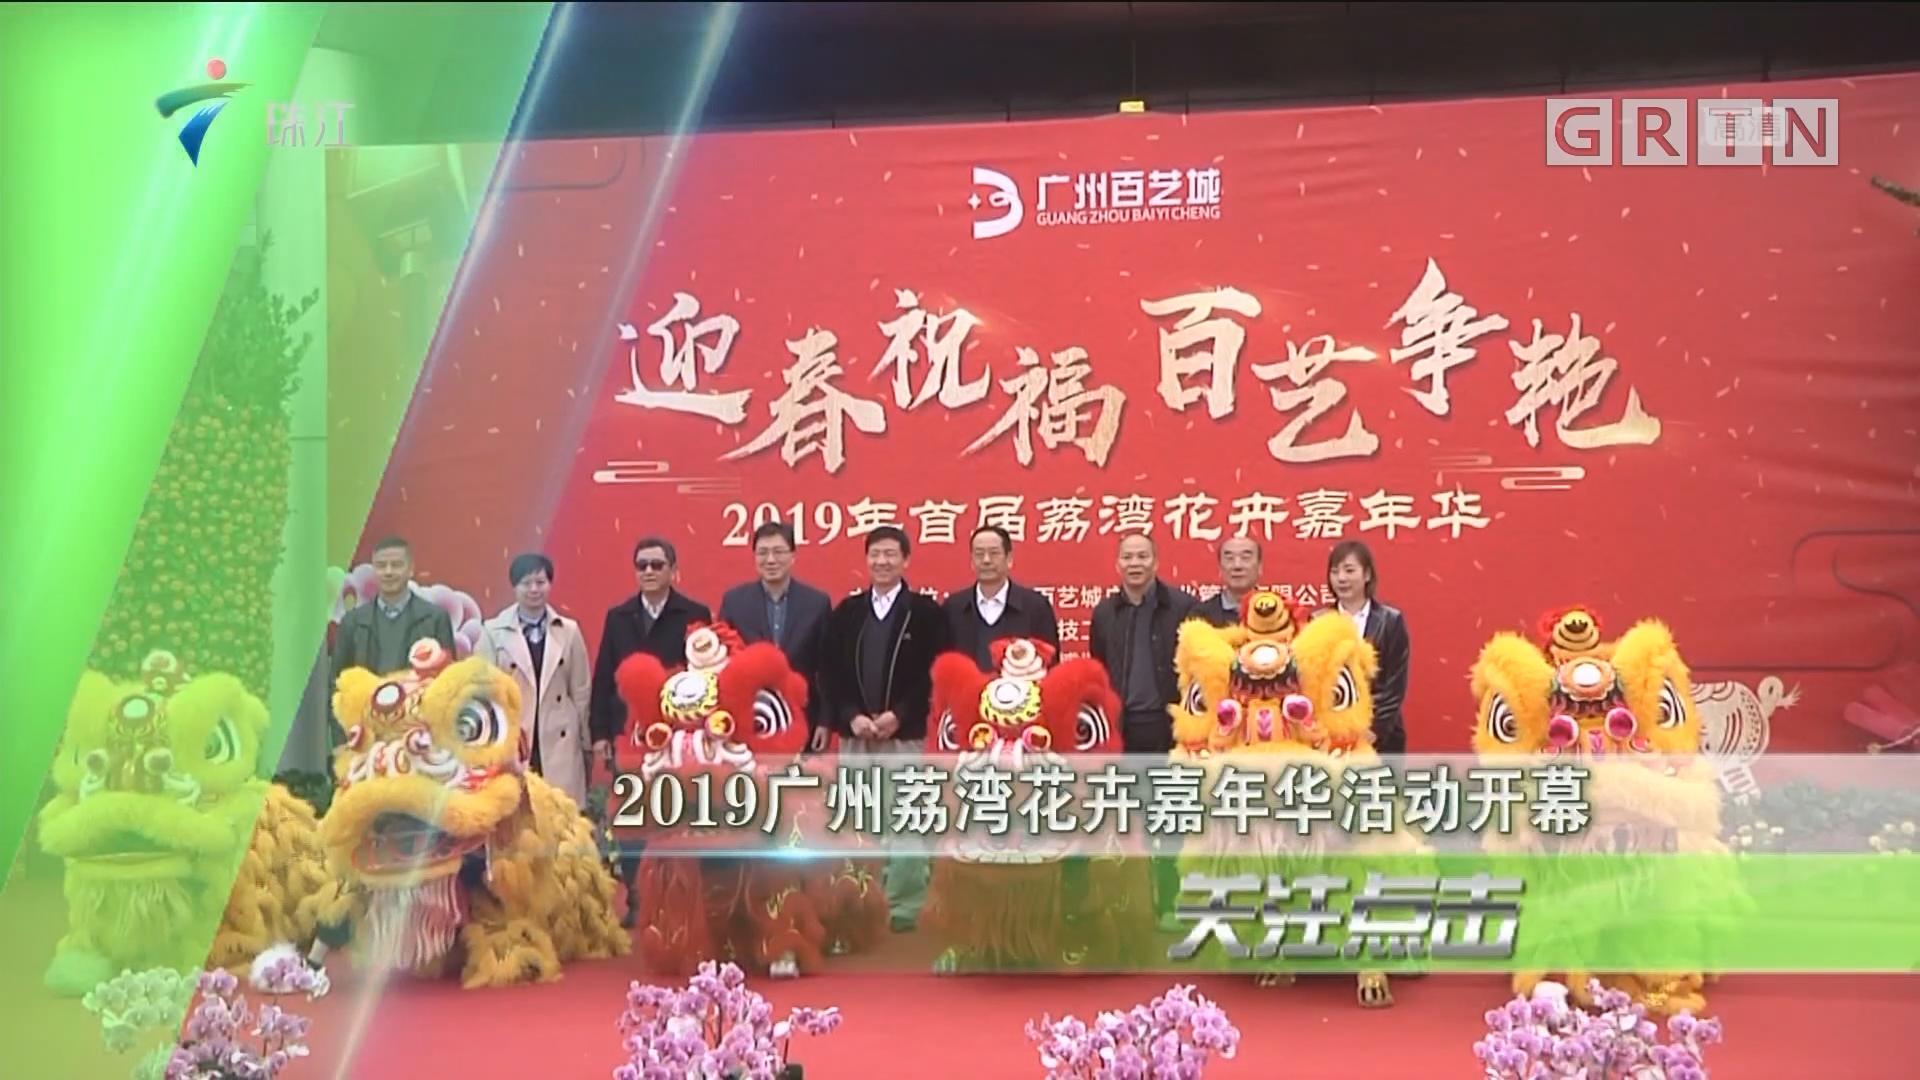 2019广州荔湾花卉嘉年华活动开幕